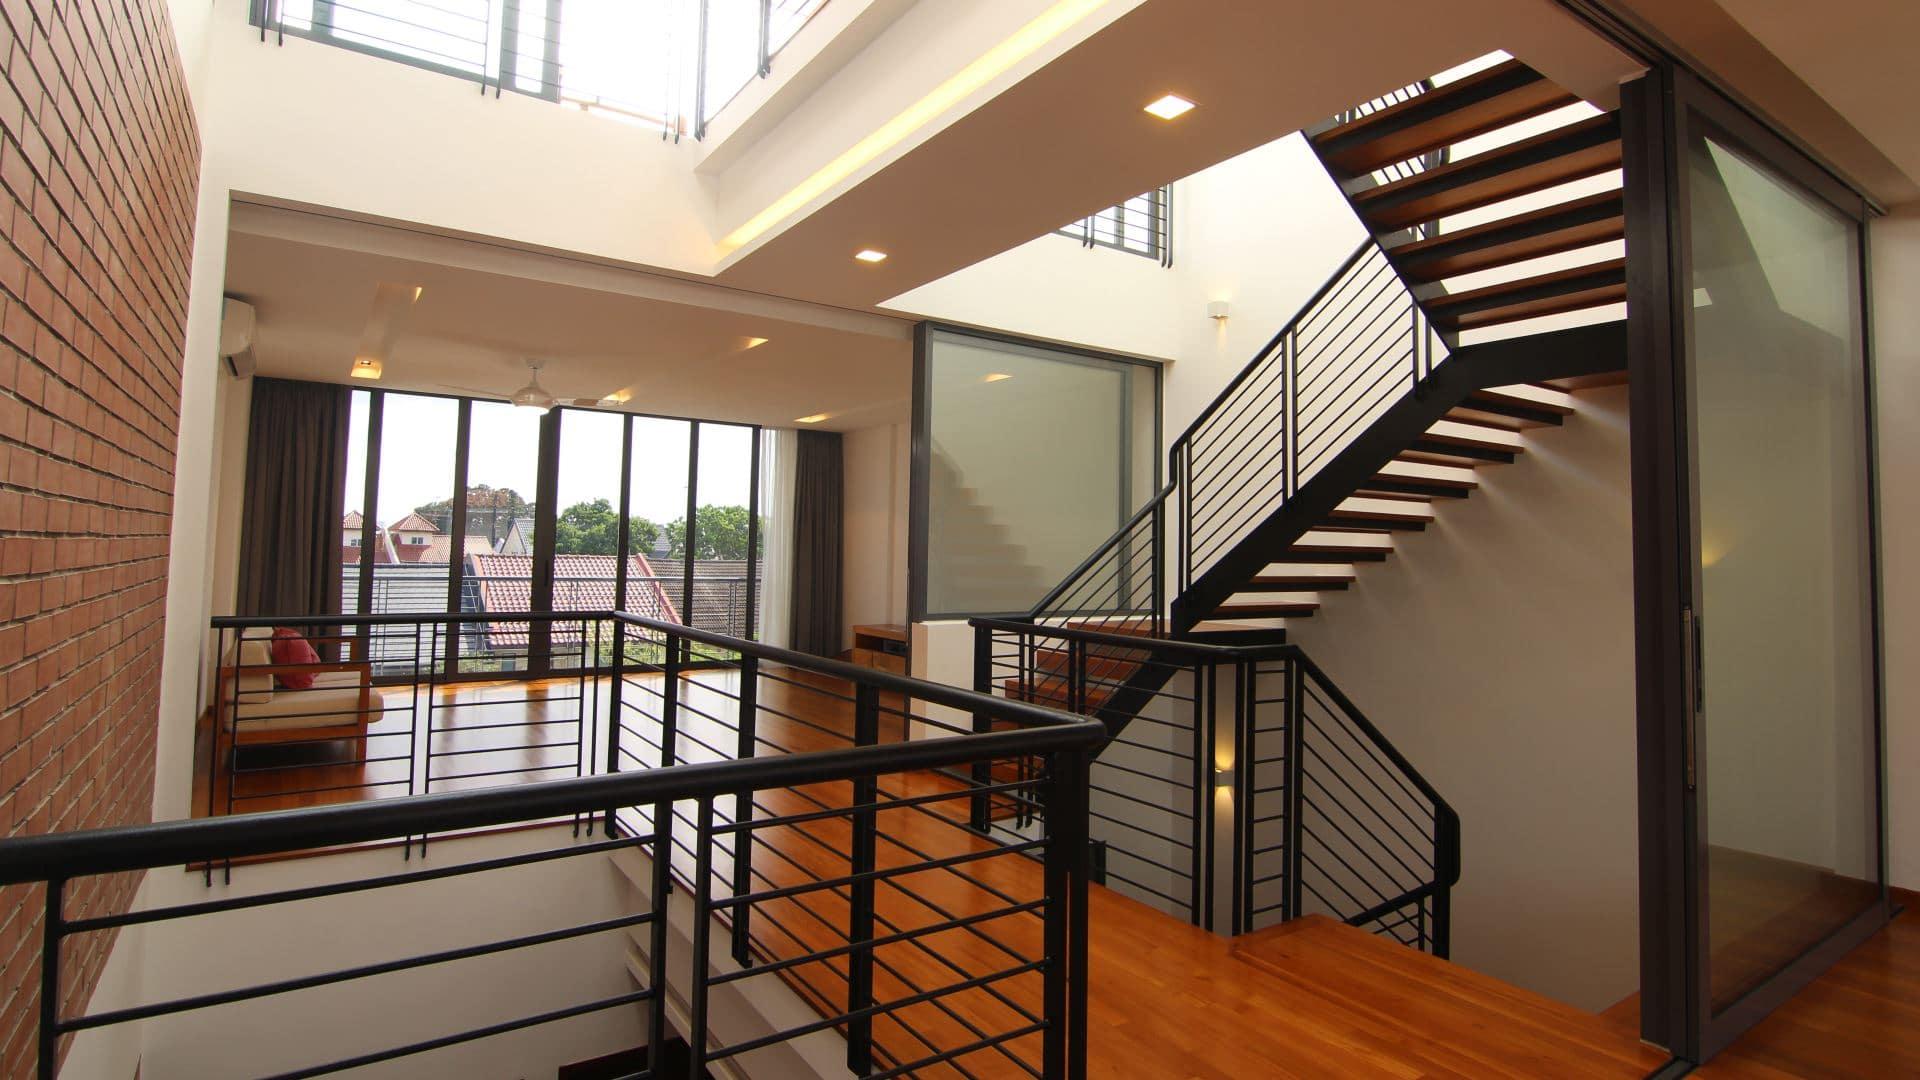 For rent: Terrace @ First Street (D15)